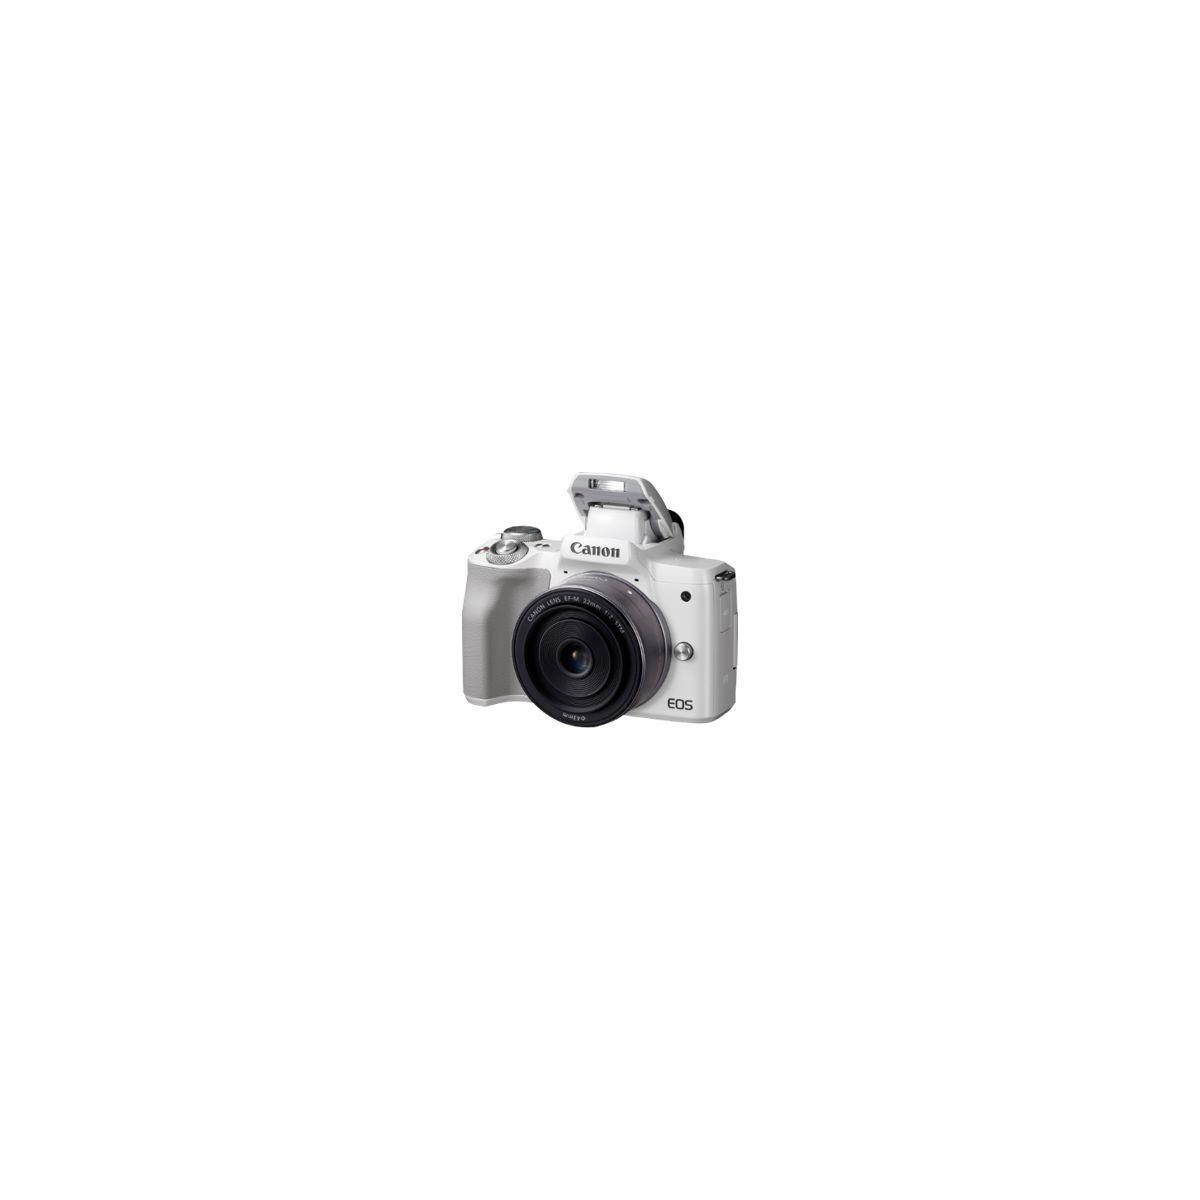 Appareil photo hybride canon eos m50 blanc + 15-45mm - 5% de remise imm�diate avec le code : fete5